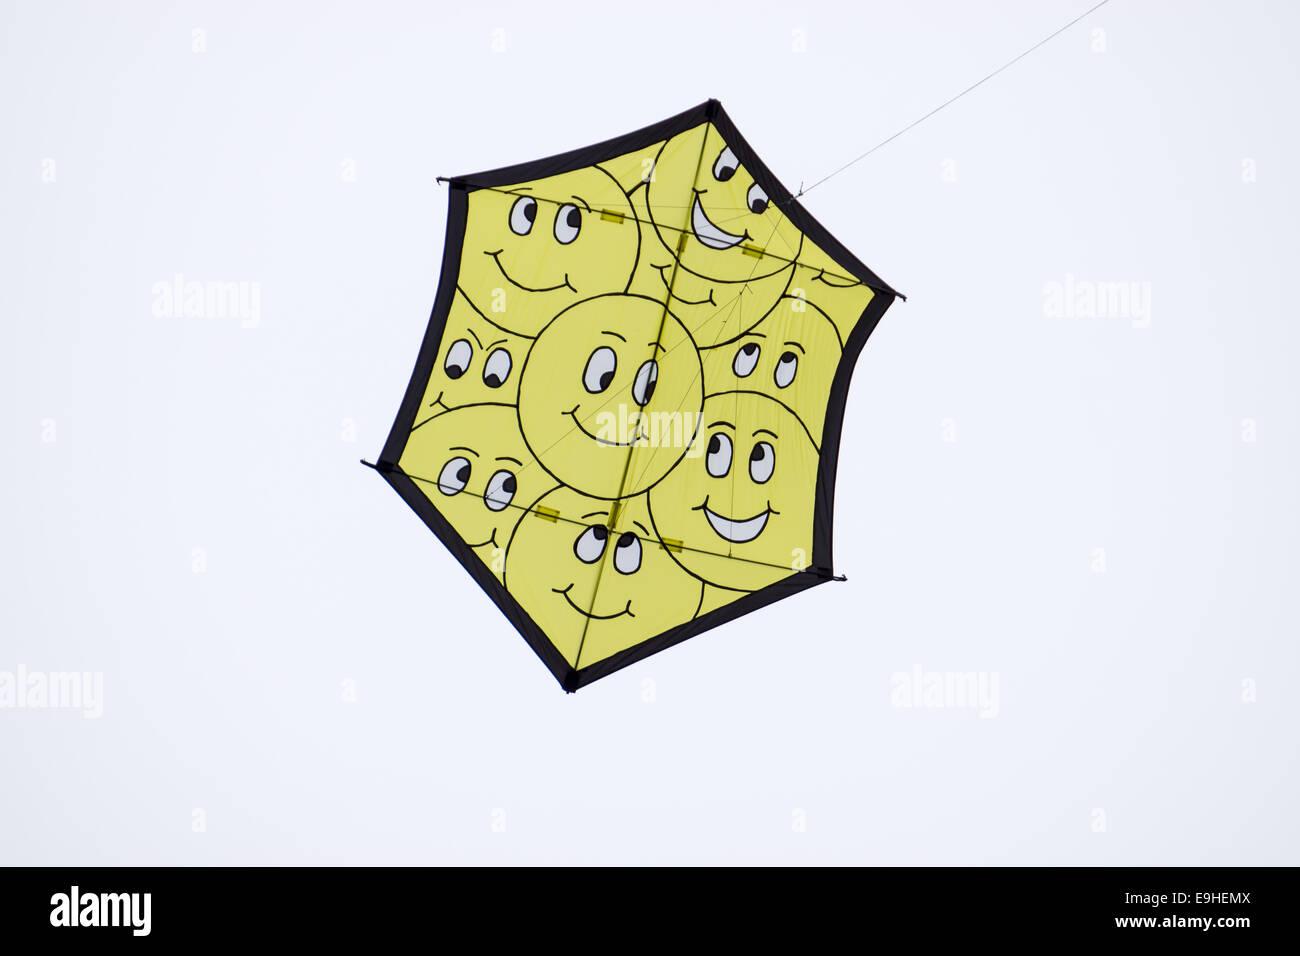 Smiley-kite on a kite-festival - Stock Image